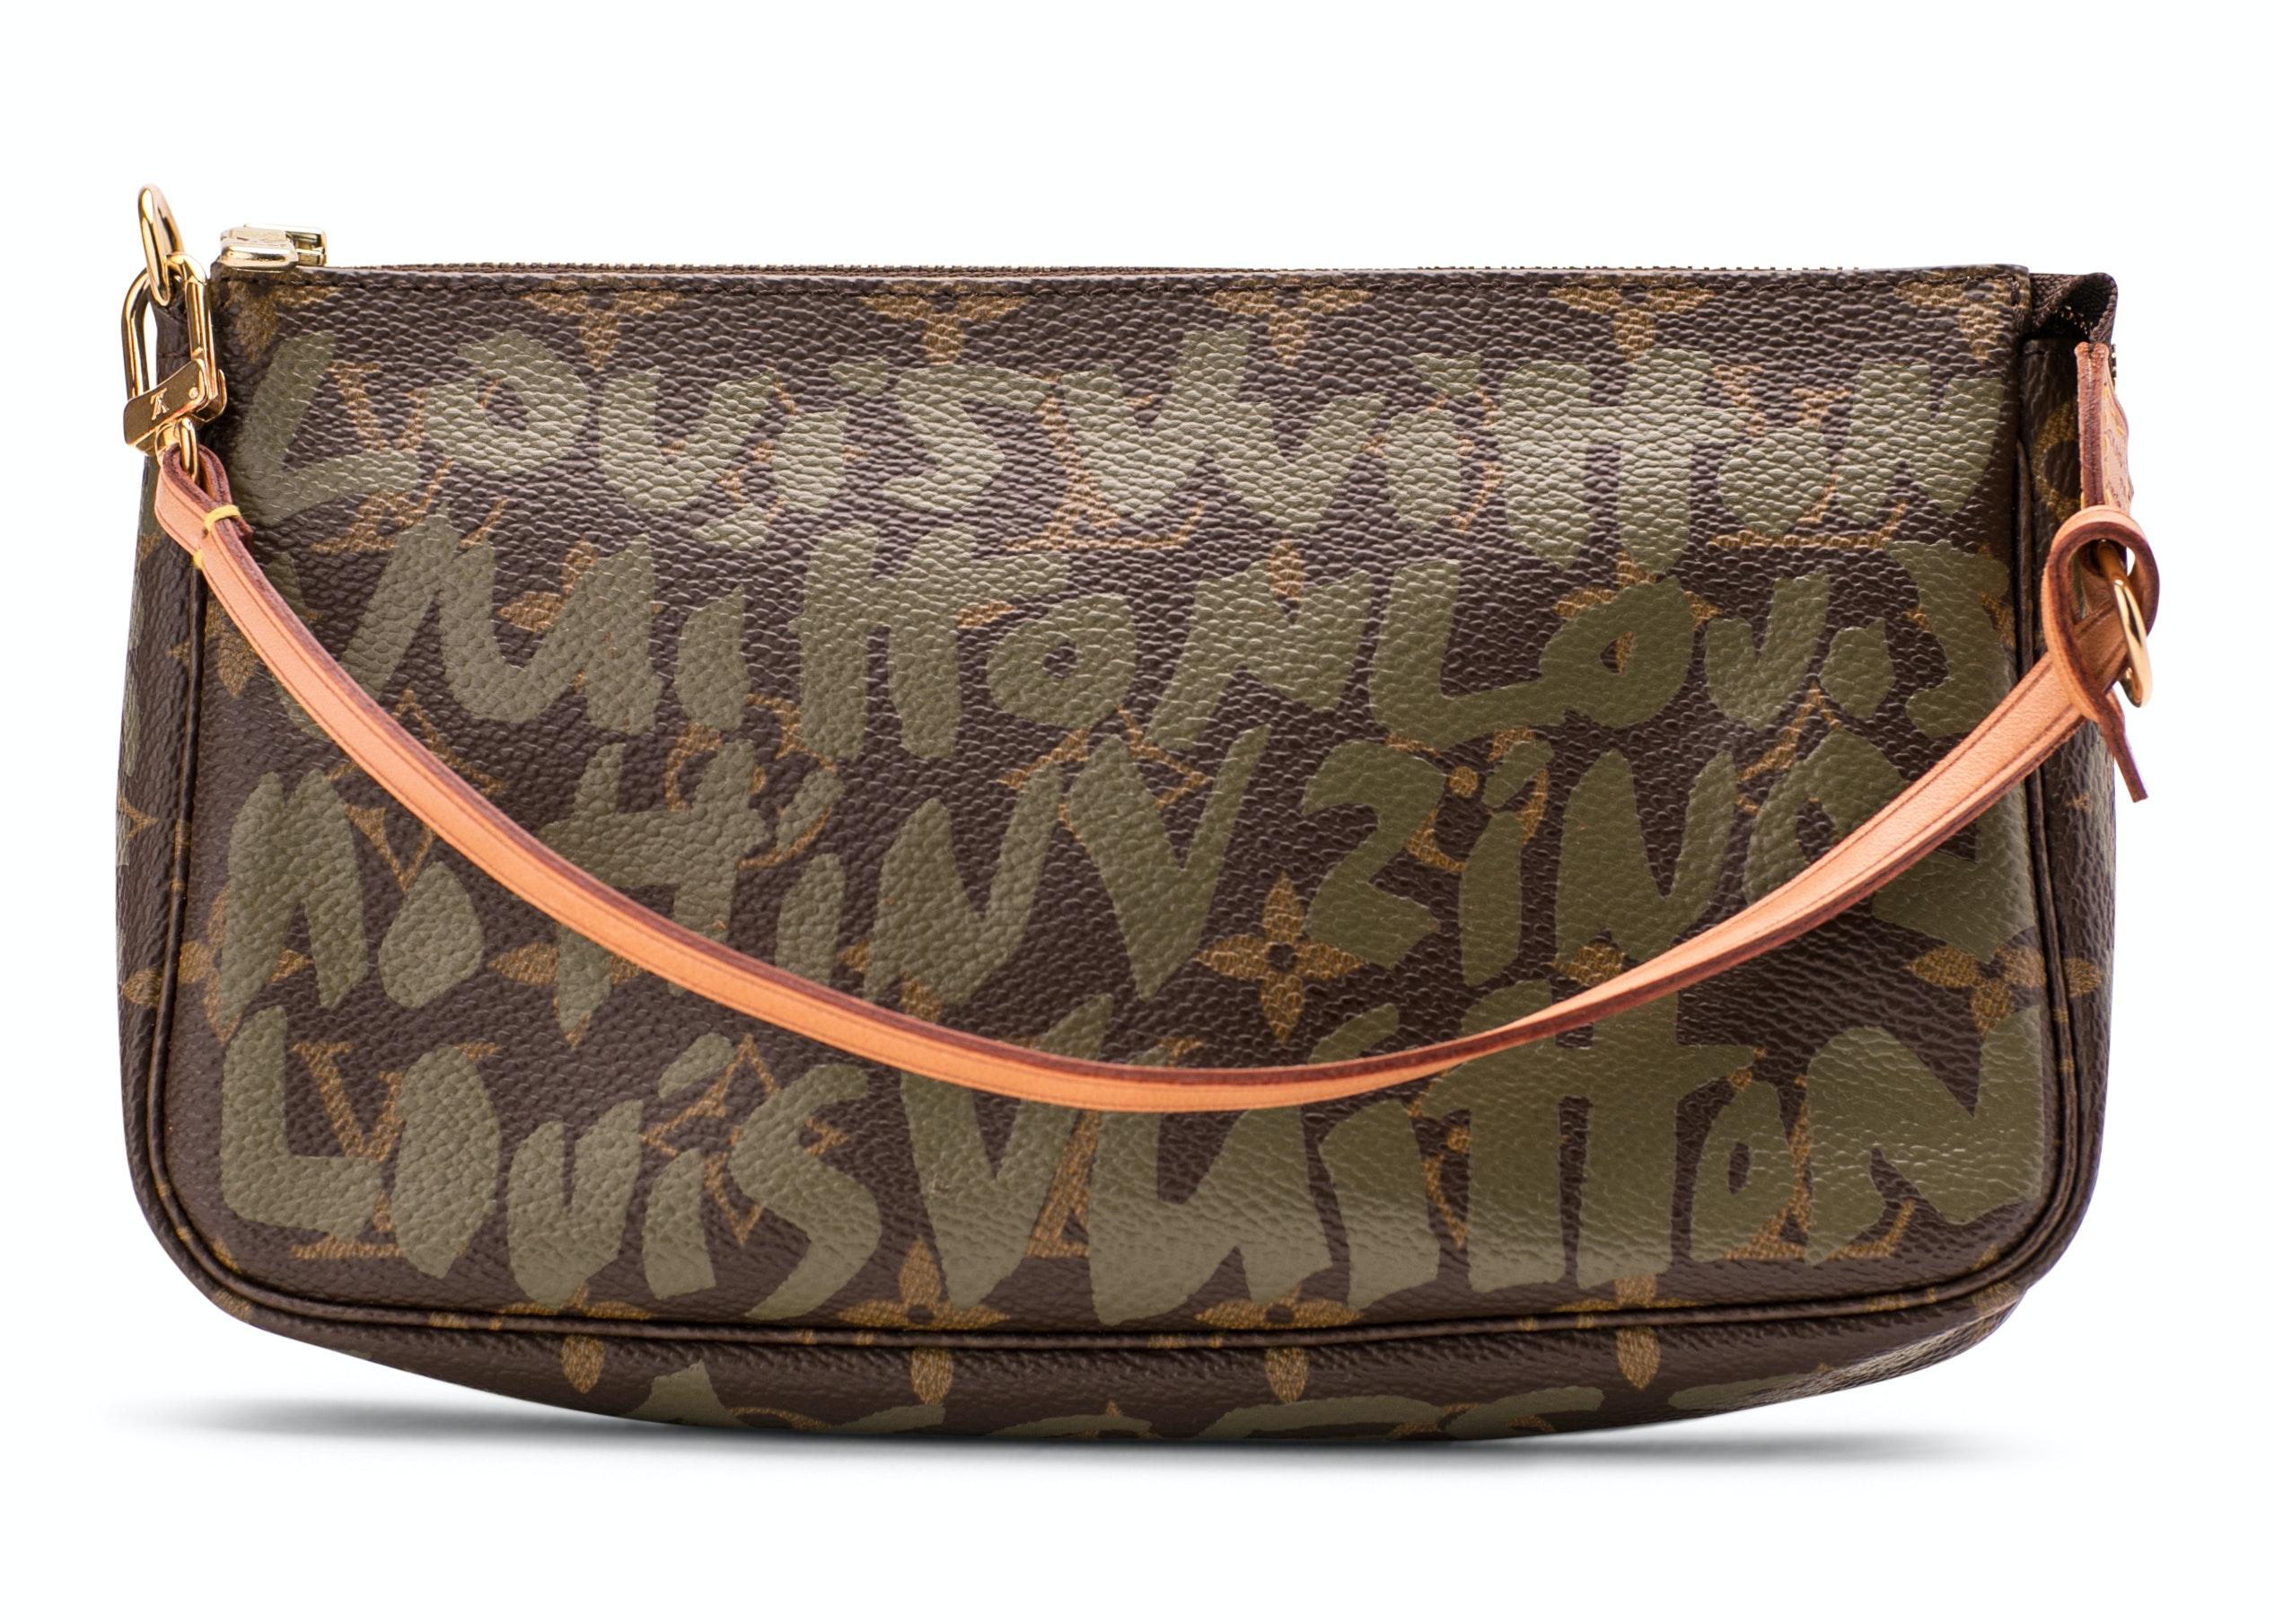 Louis Vuitton Pochette Accessories Monogram Graffiti Khaki